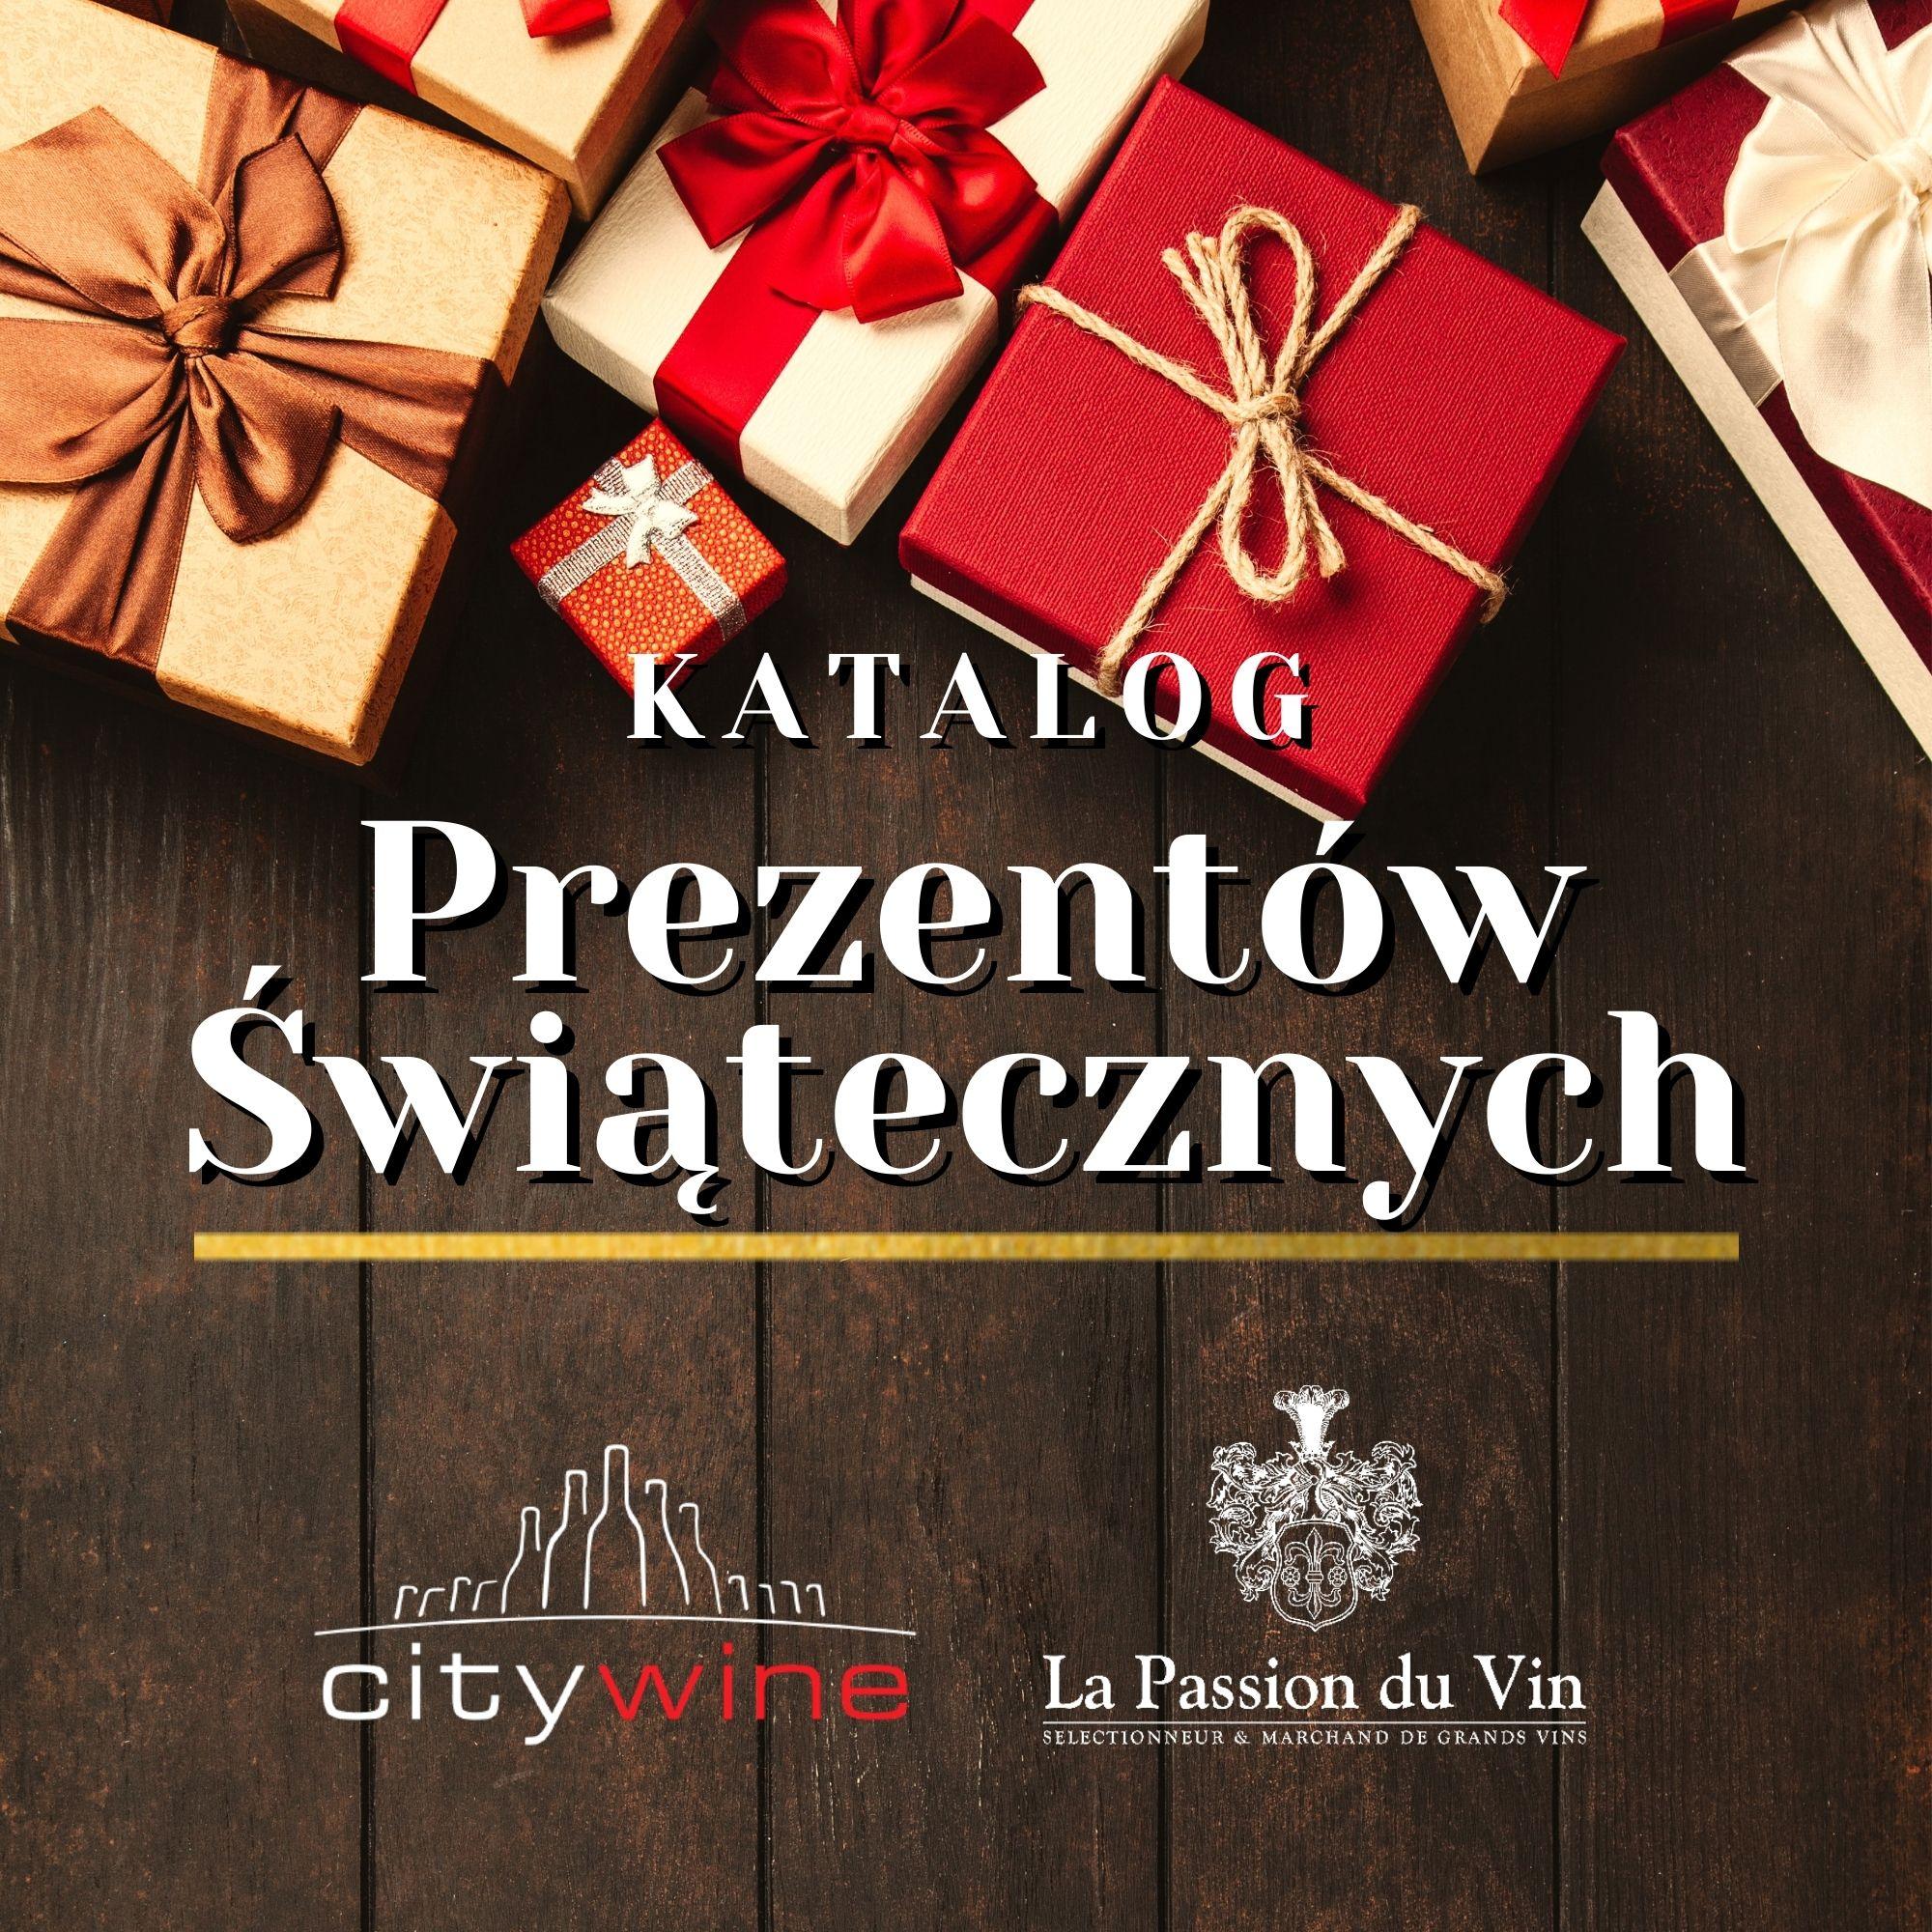 Katalog Prezentów świątecznych CityWine 2021